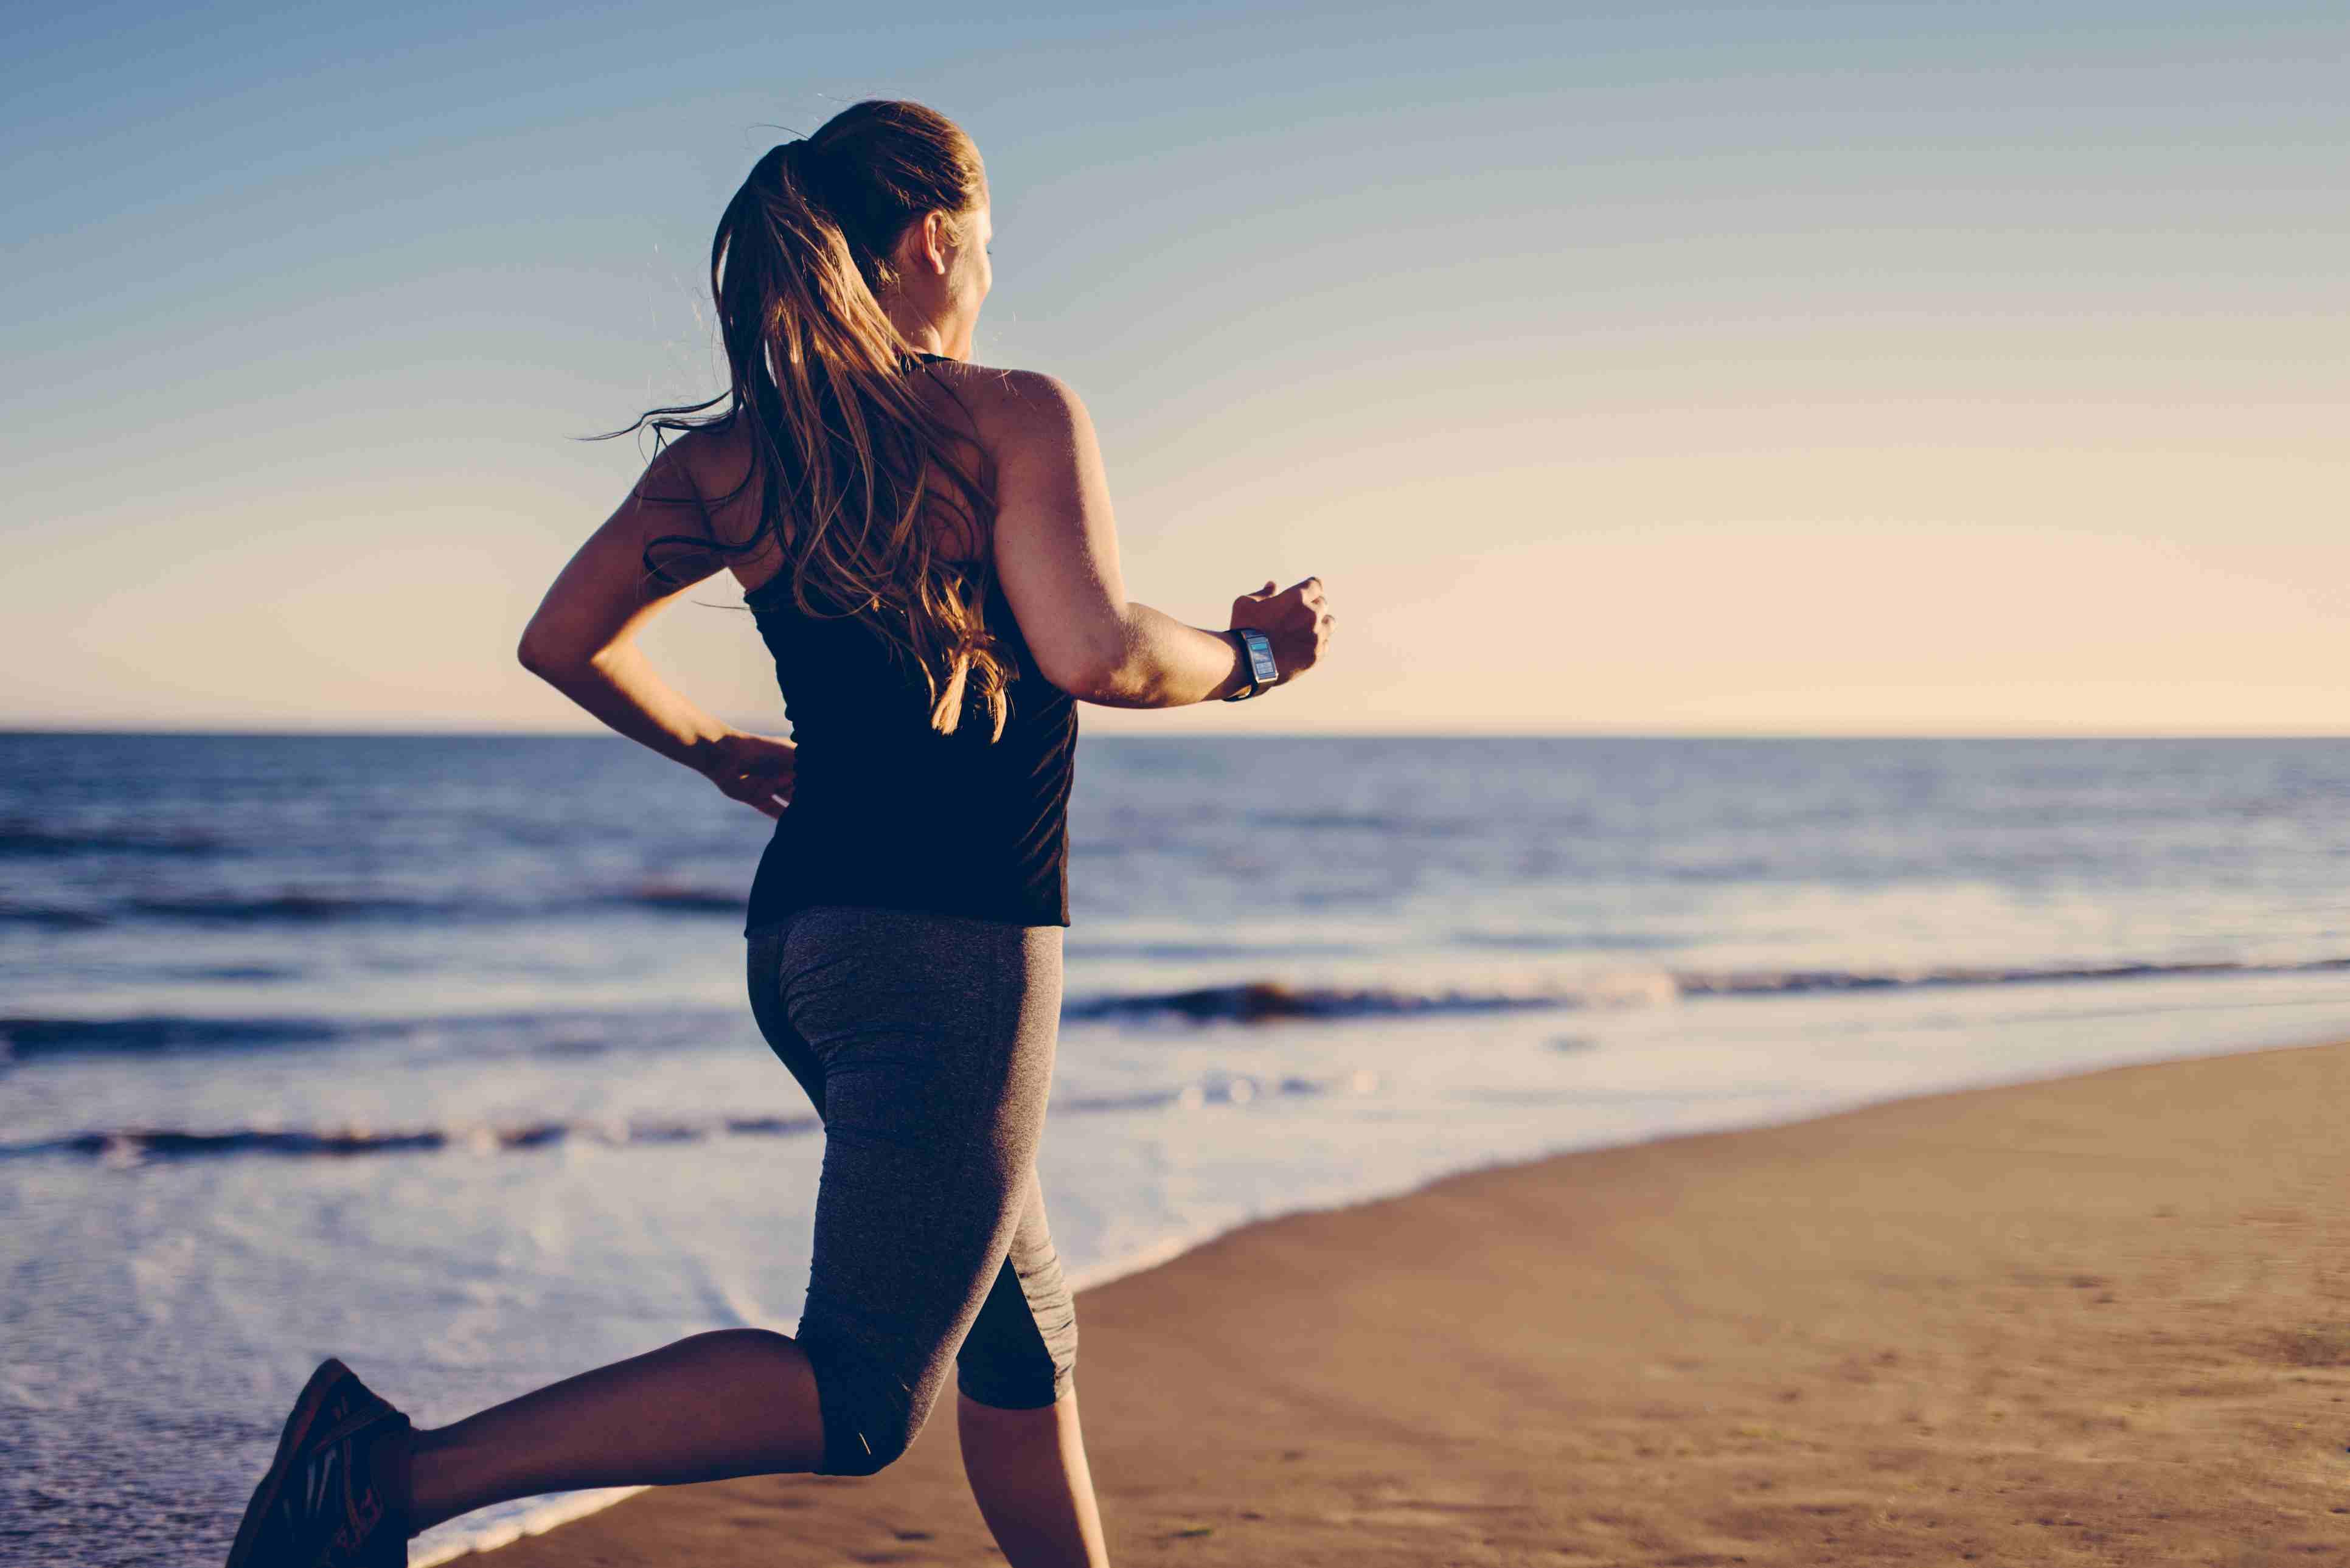 Mujer corriendo en la playa con reloj inteligente.